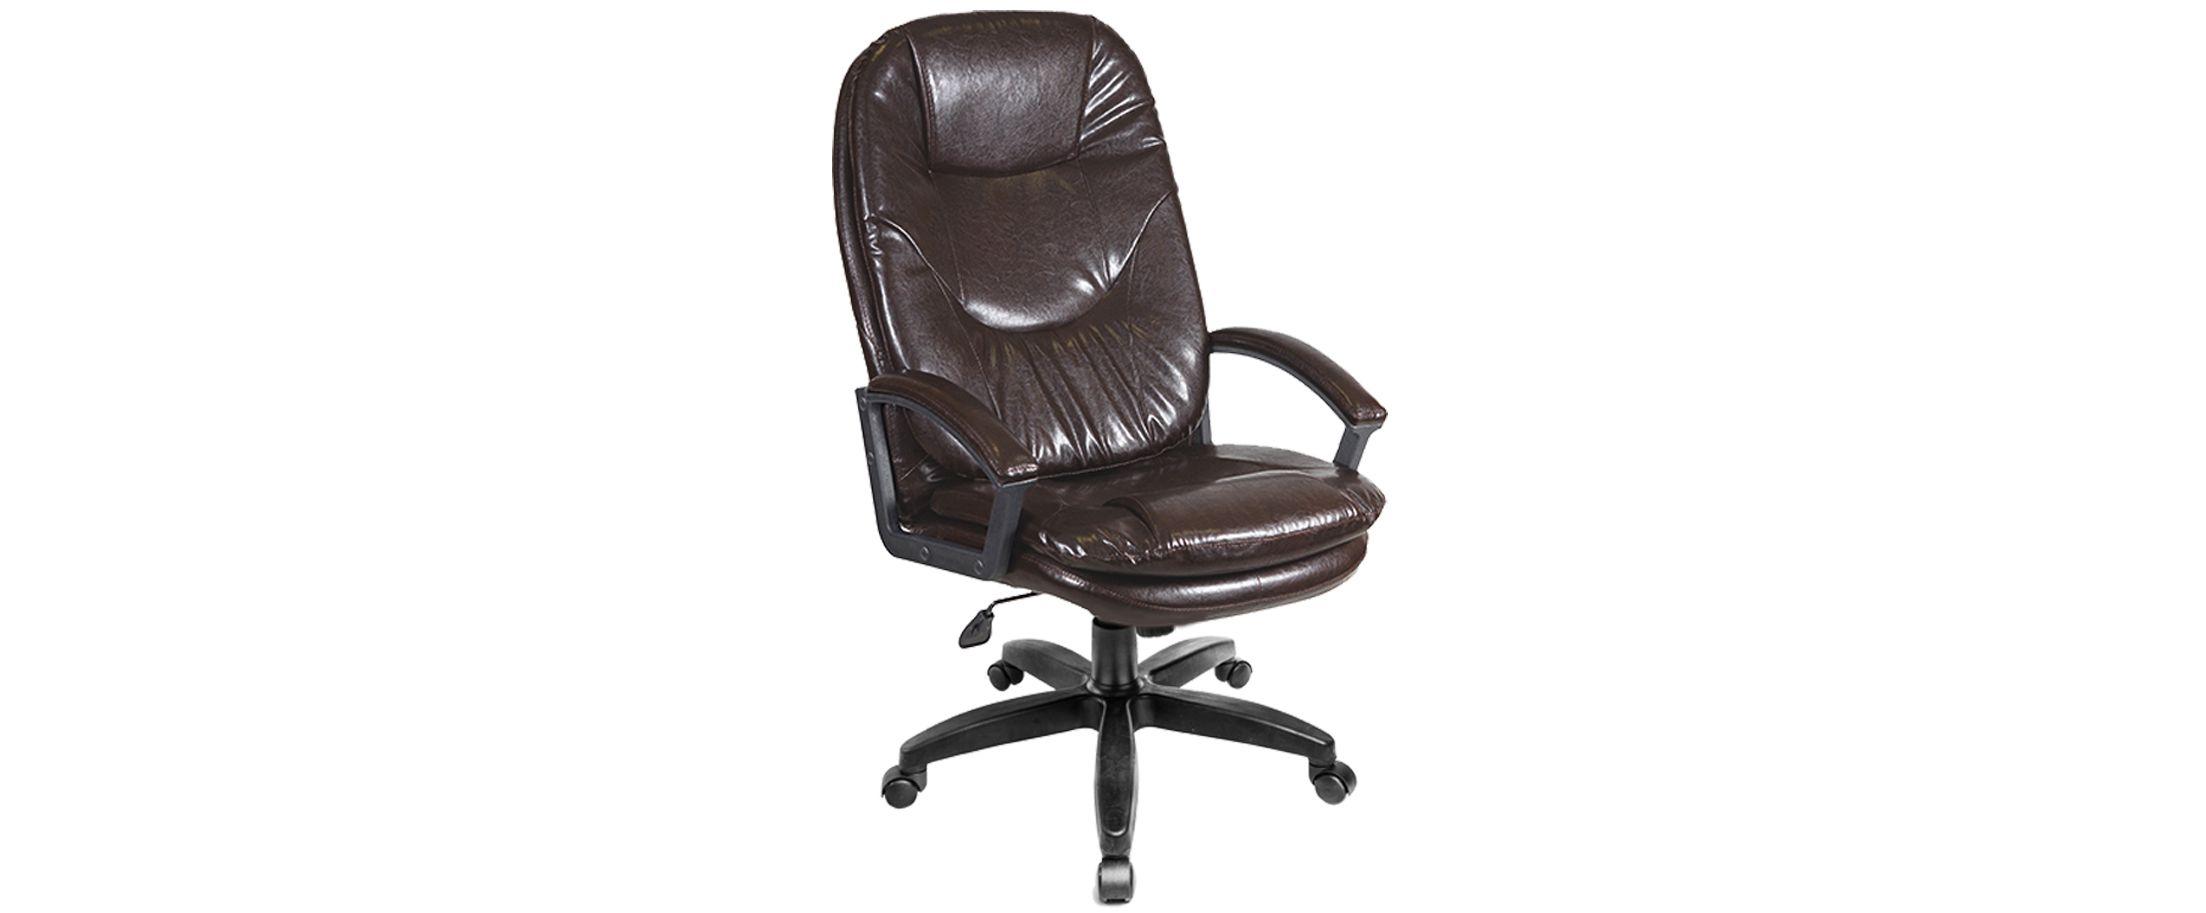 Кресло офисное AV 121 из экокожи цвет шоколад Модель 999Кресло офисное AV 121 из экокожи цвет шоколад Модель 999. Артикул Д000703<br><br>Ширина см: 44<br>Глубина см: 67<br>Высота см: 120<br>Цвет: Коричневый